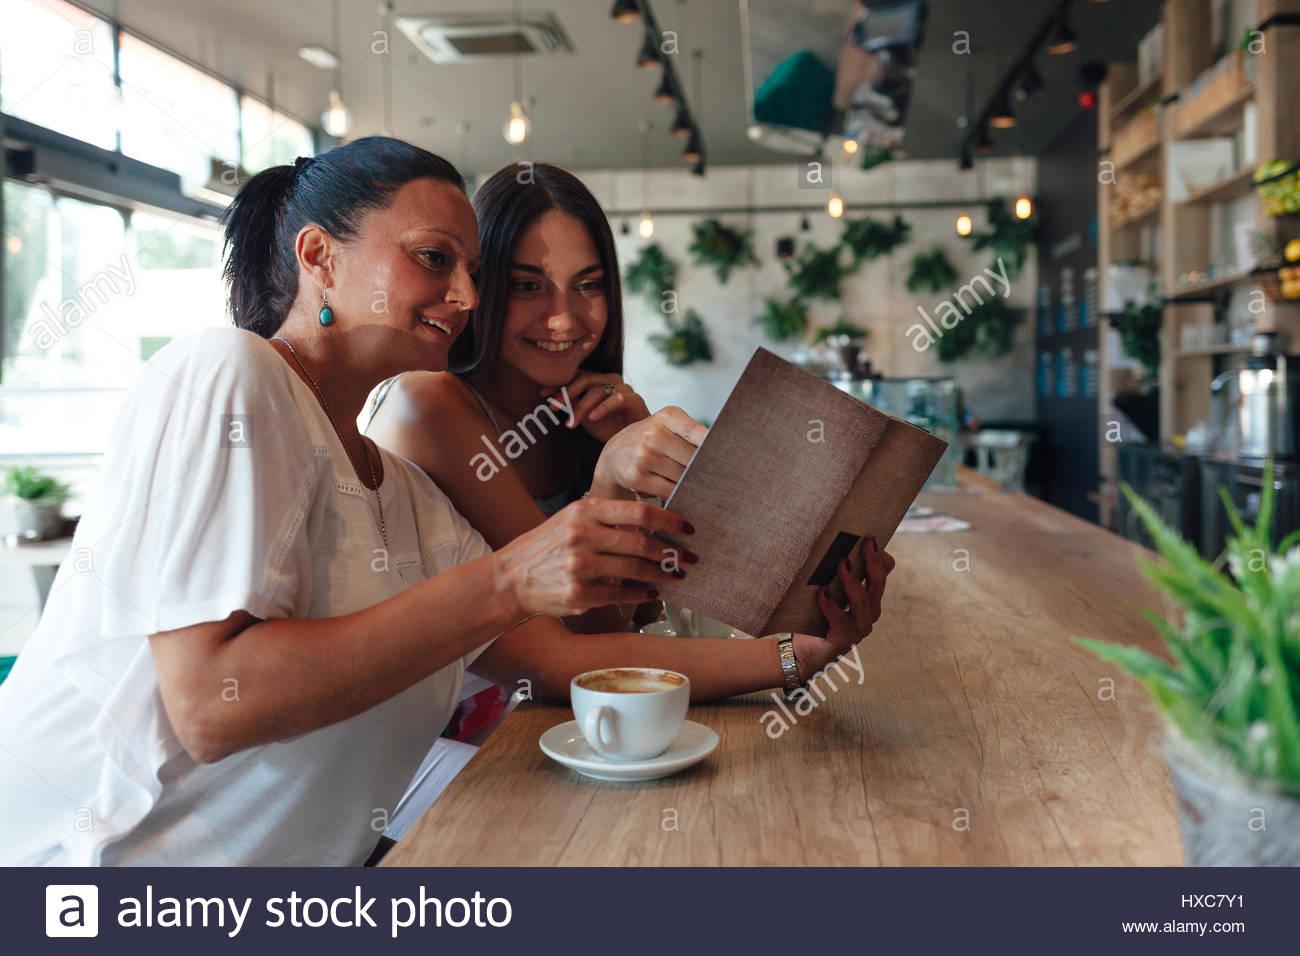 Mutter und Tochter trinken Kaffee und Blick auf Café-Menü Stockbild